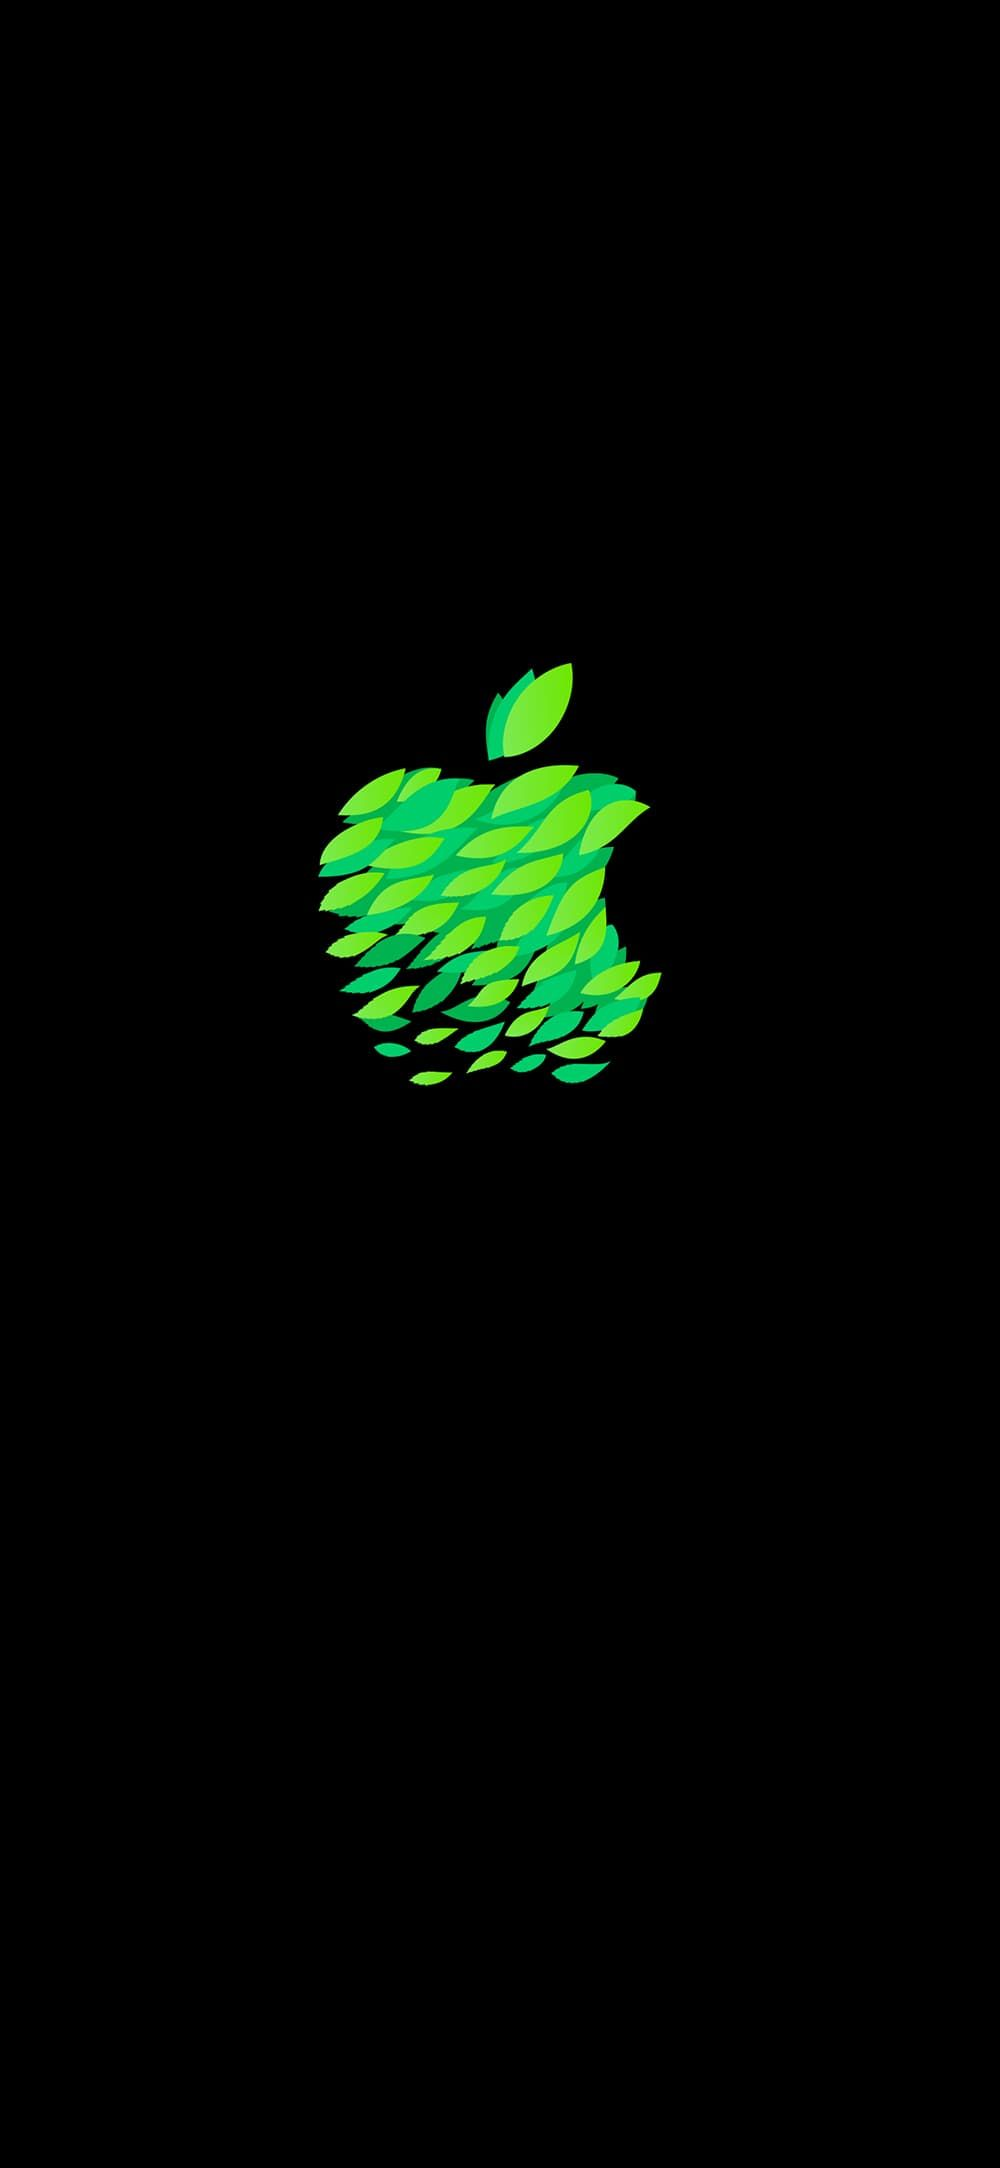 اجمل خلفيات الايفون بجودة Hd Iphone Wallpaper Apple Wallpaper Apple Wallpaper Iphone Best Iphone Wallpapers